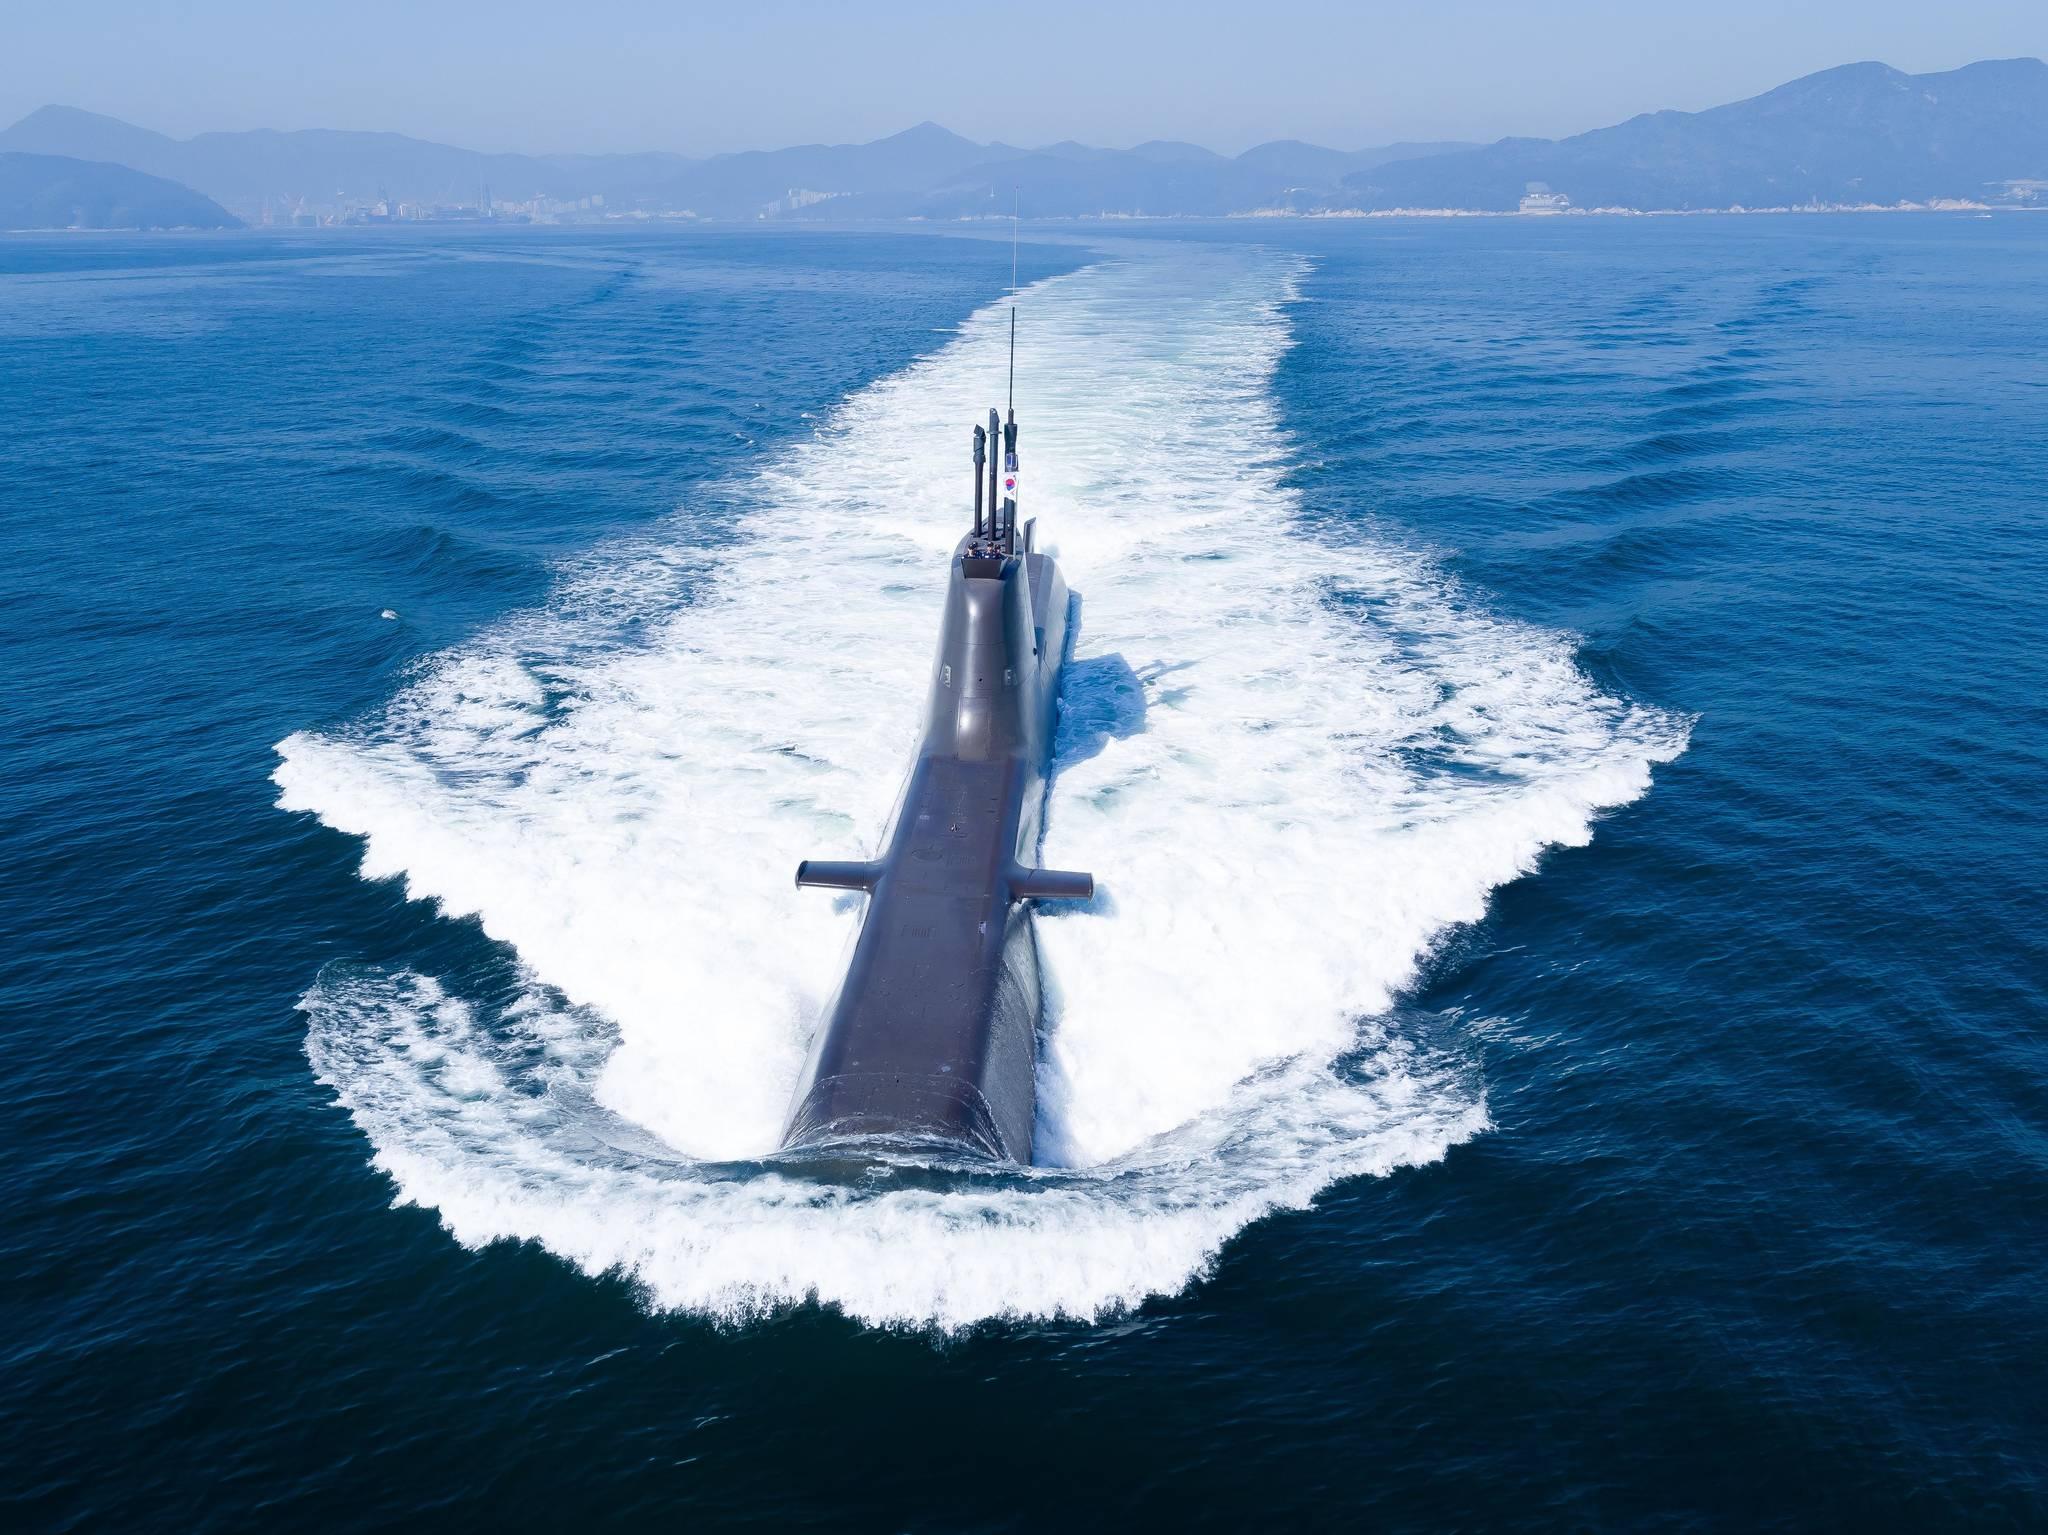 장보고-II급 잠수함이 물 위에서 수면을 가르며 운항하고 있다. [사진 방사청]